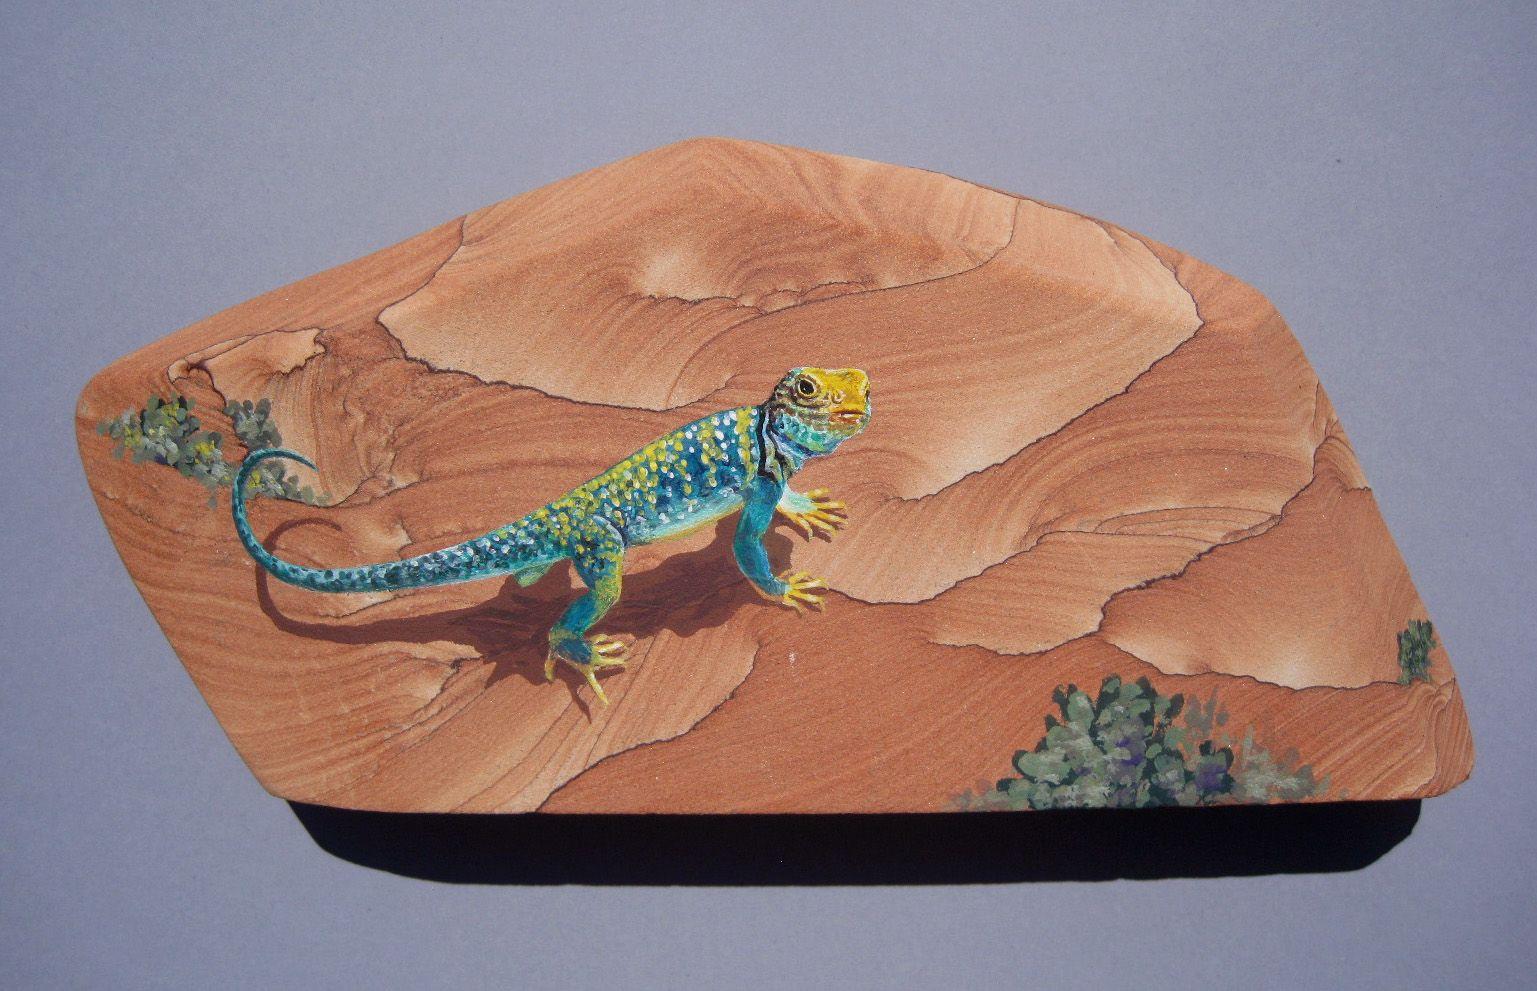 небритый, картинка ящерицы на стене из натурального камня зодиака весы